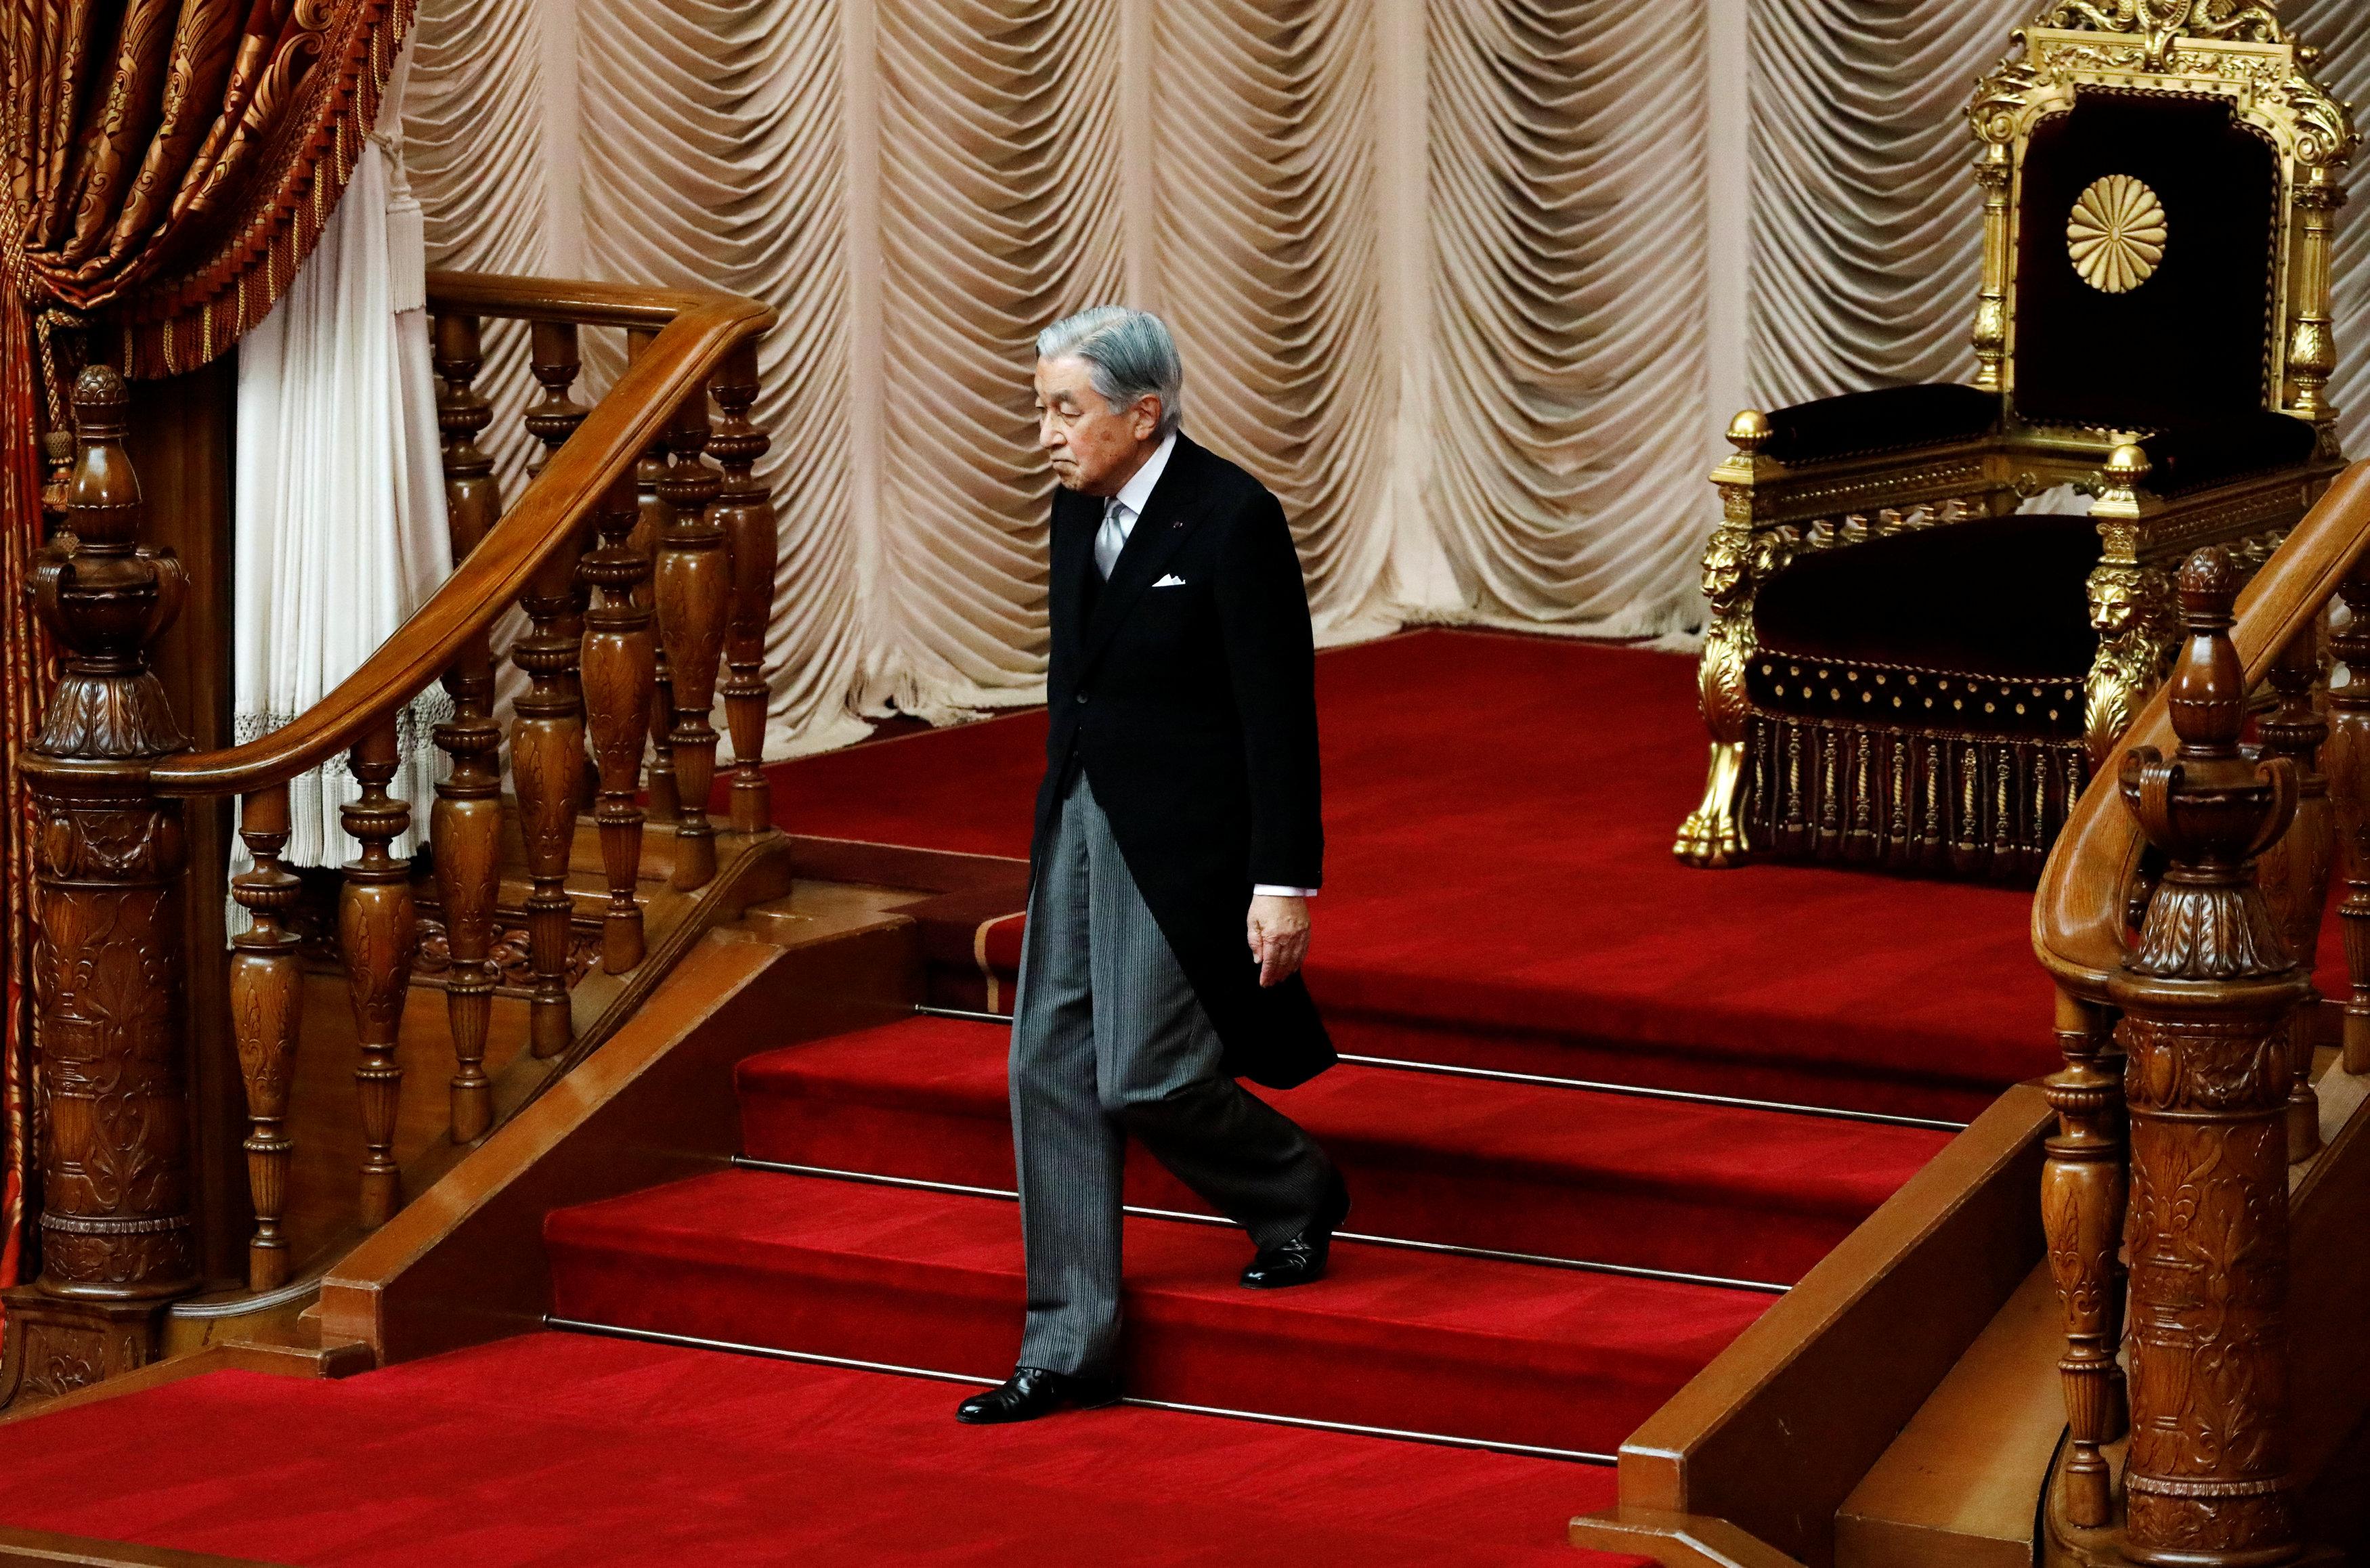 الامبراطور اليابانى افتتح دورة برلمانية غير عادية